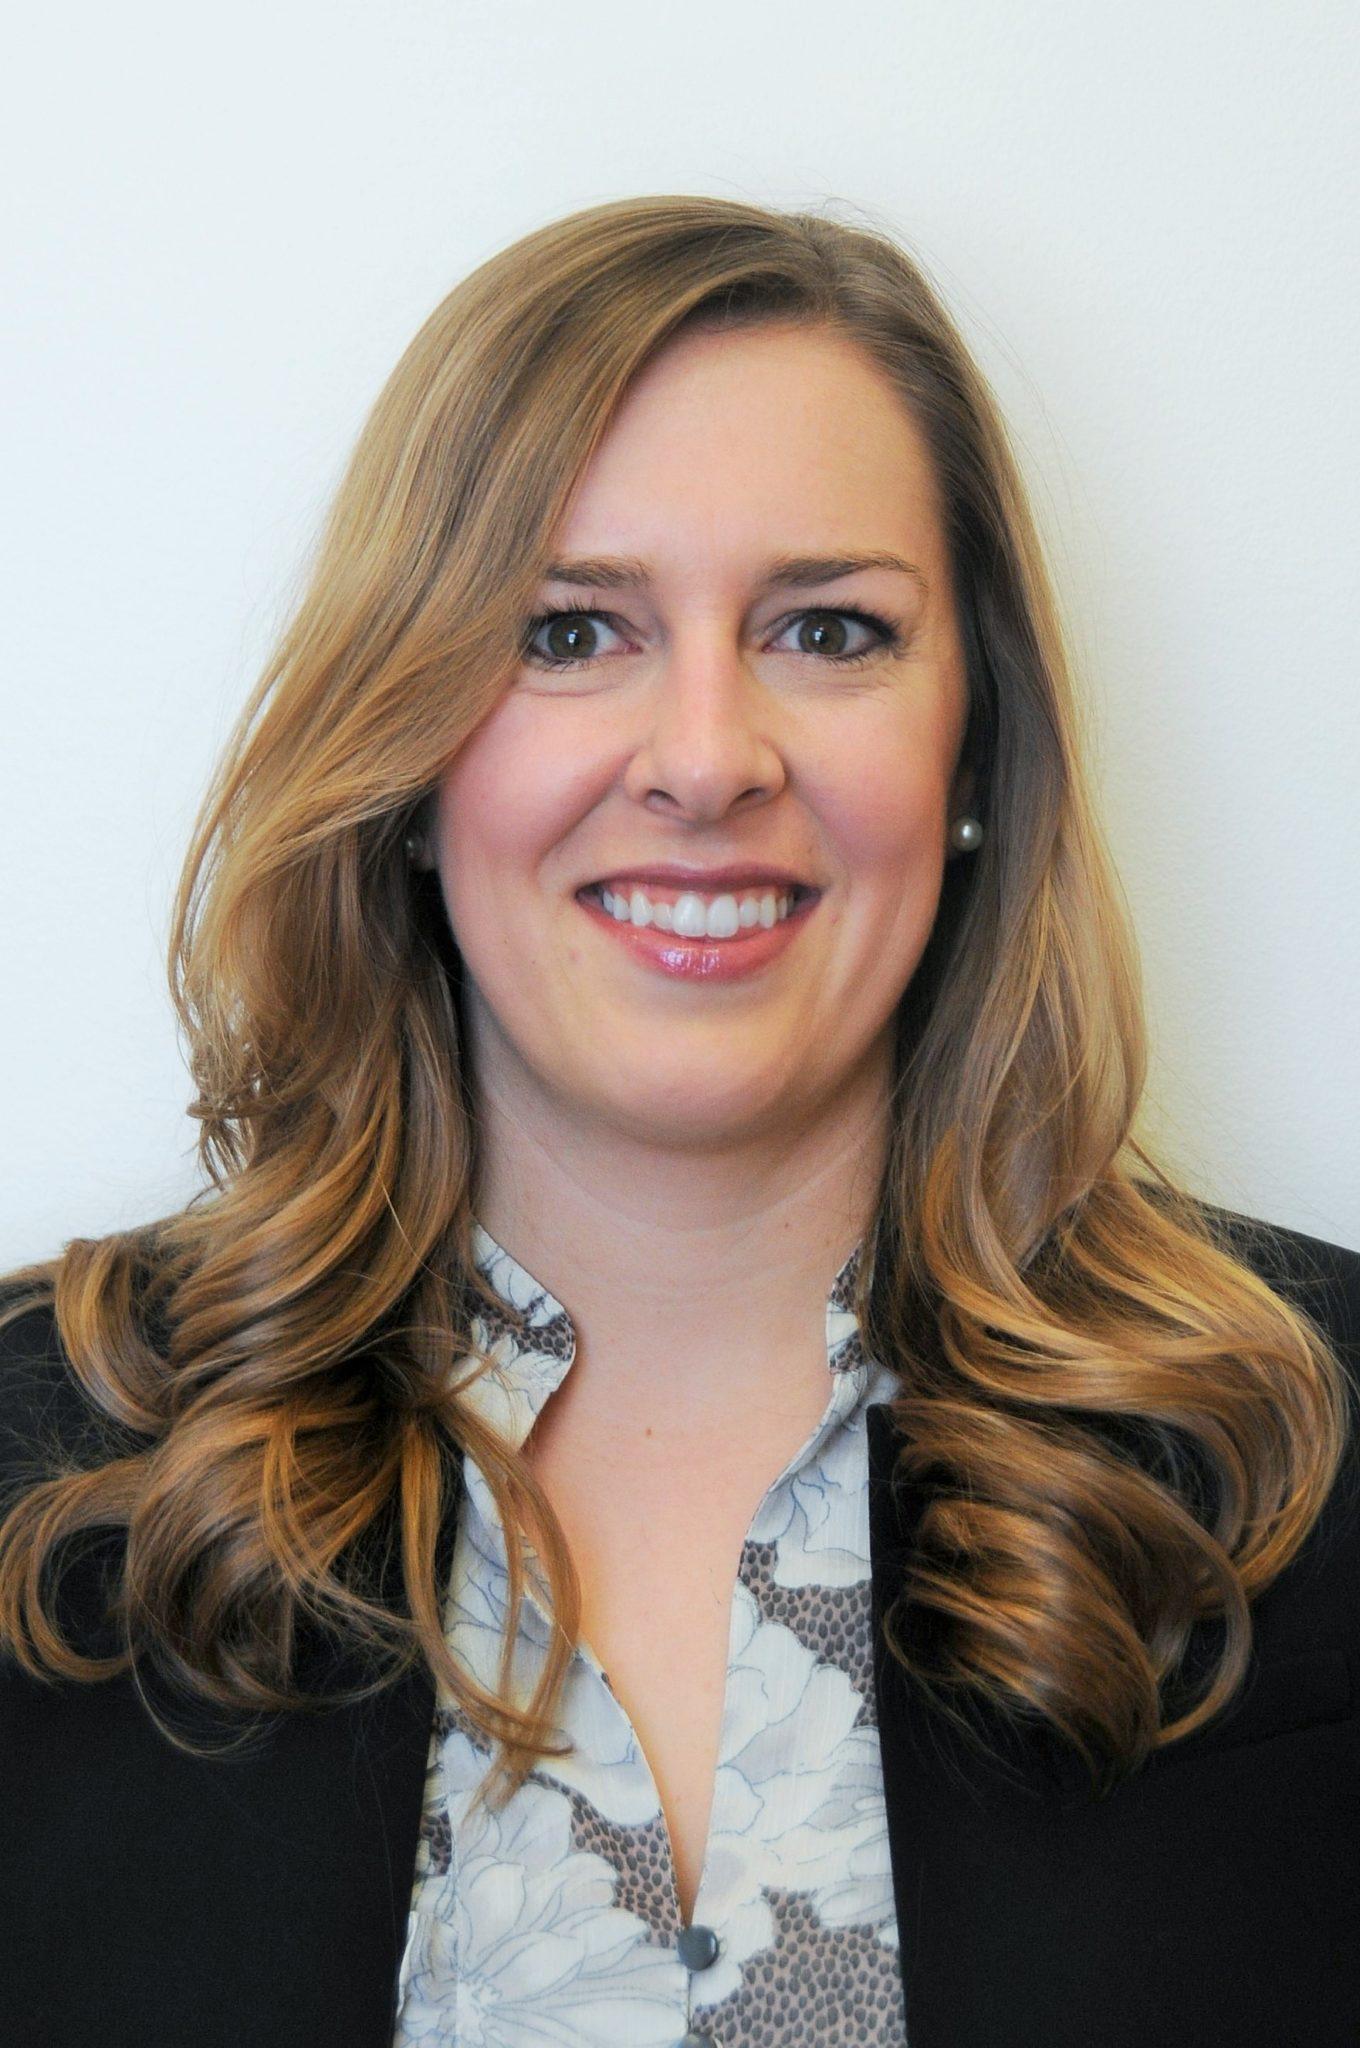 Sarah Brayton